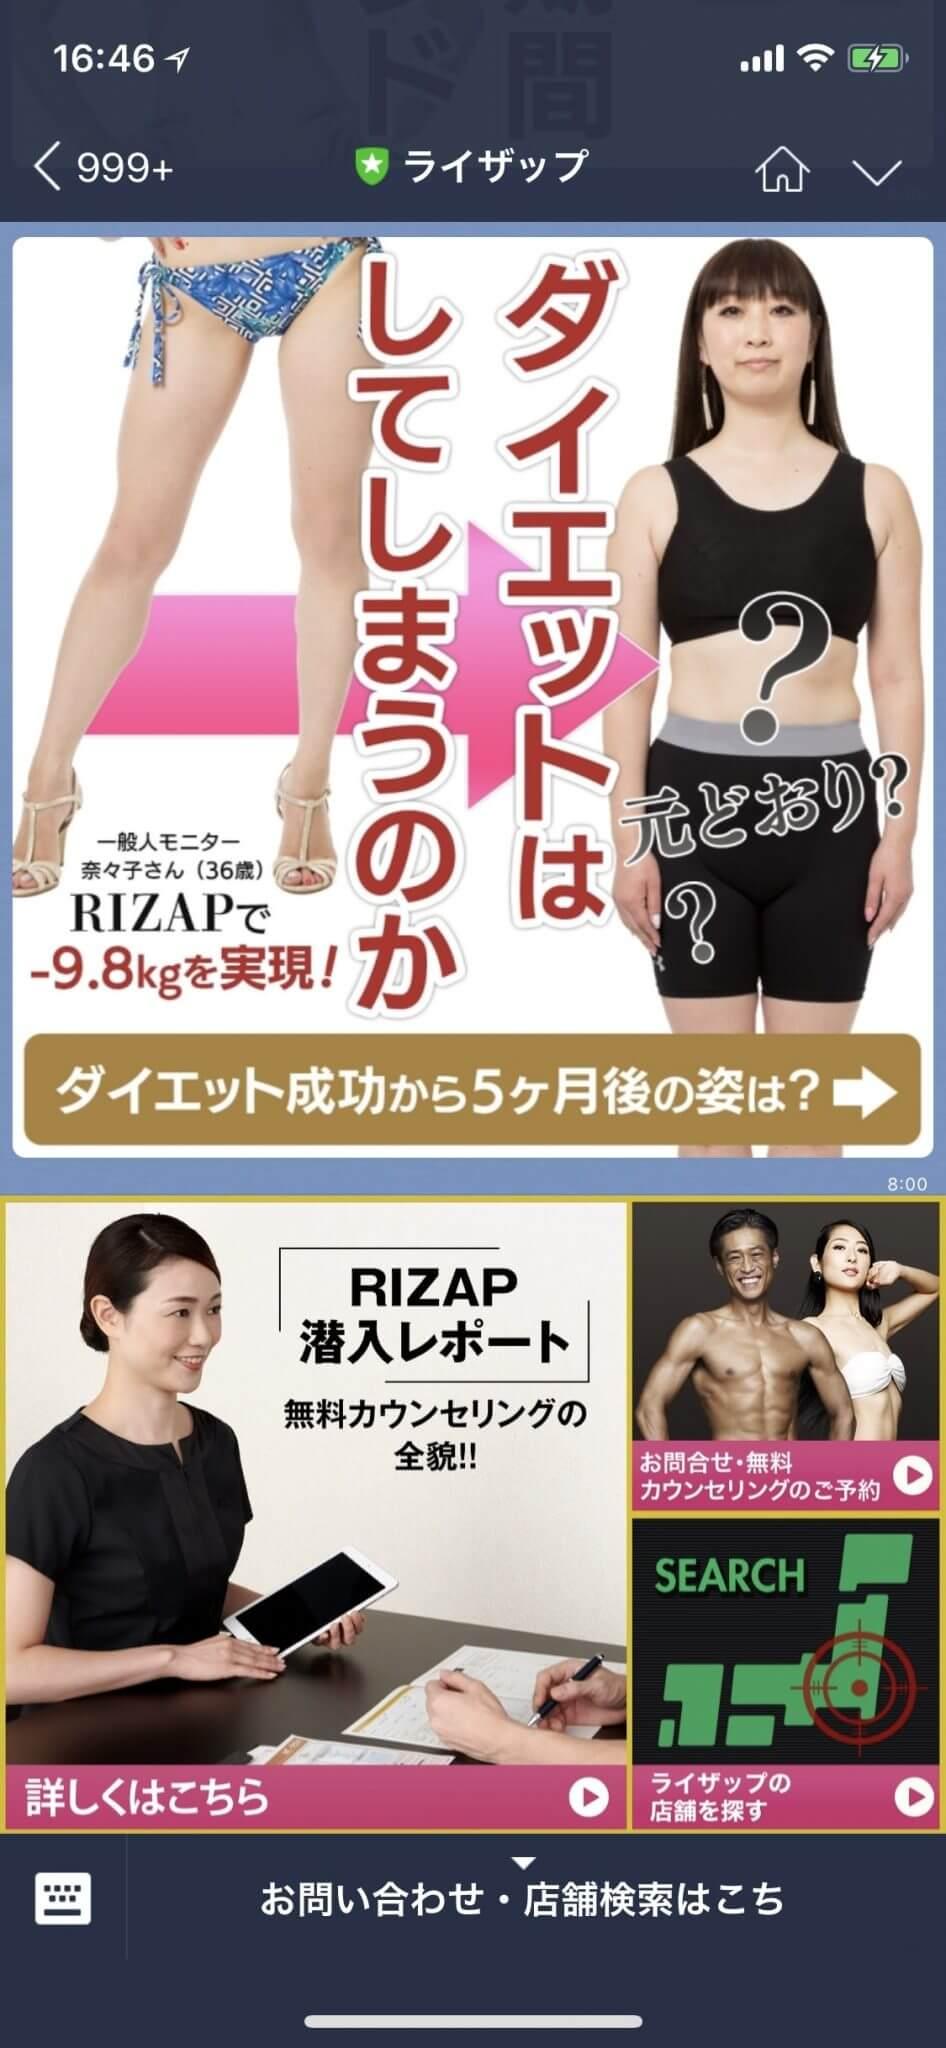 【美容健康】ライザップ